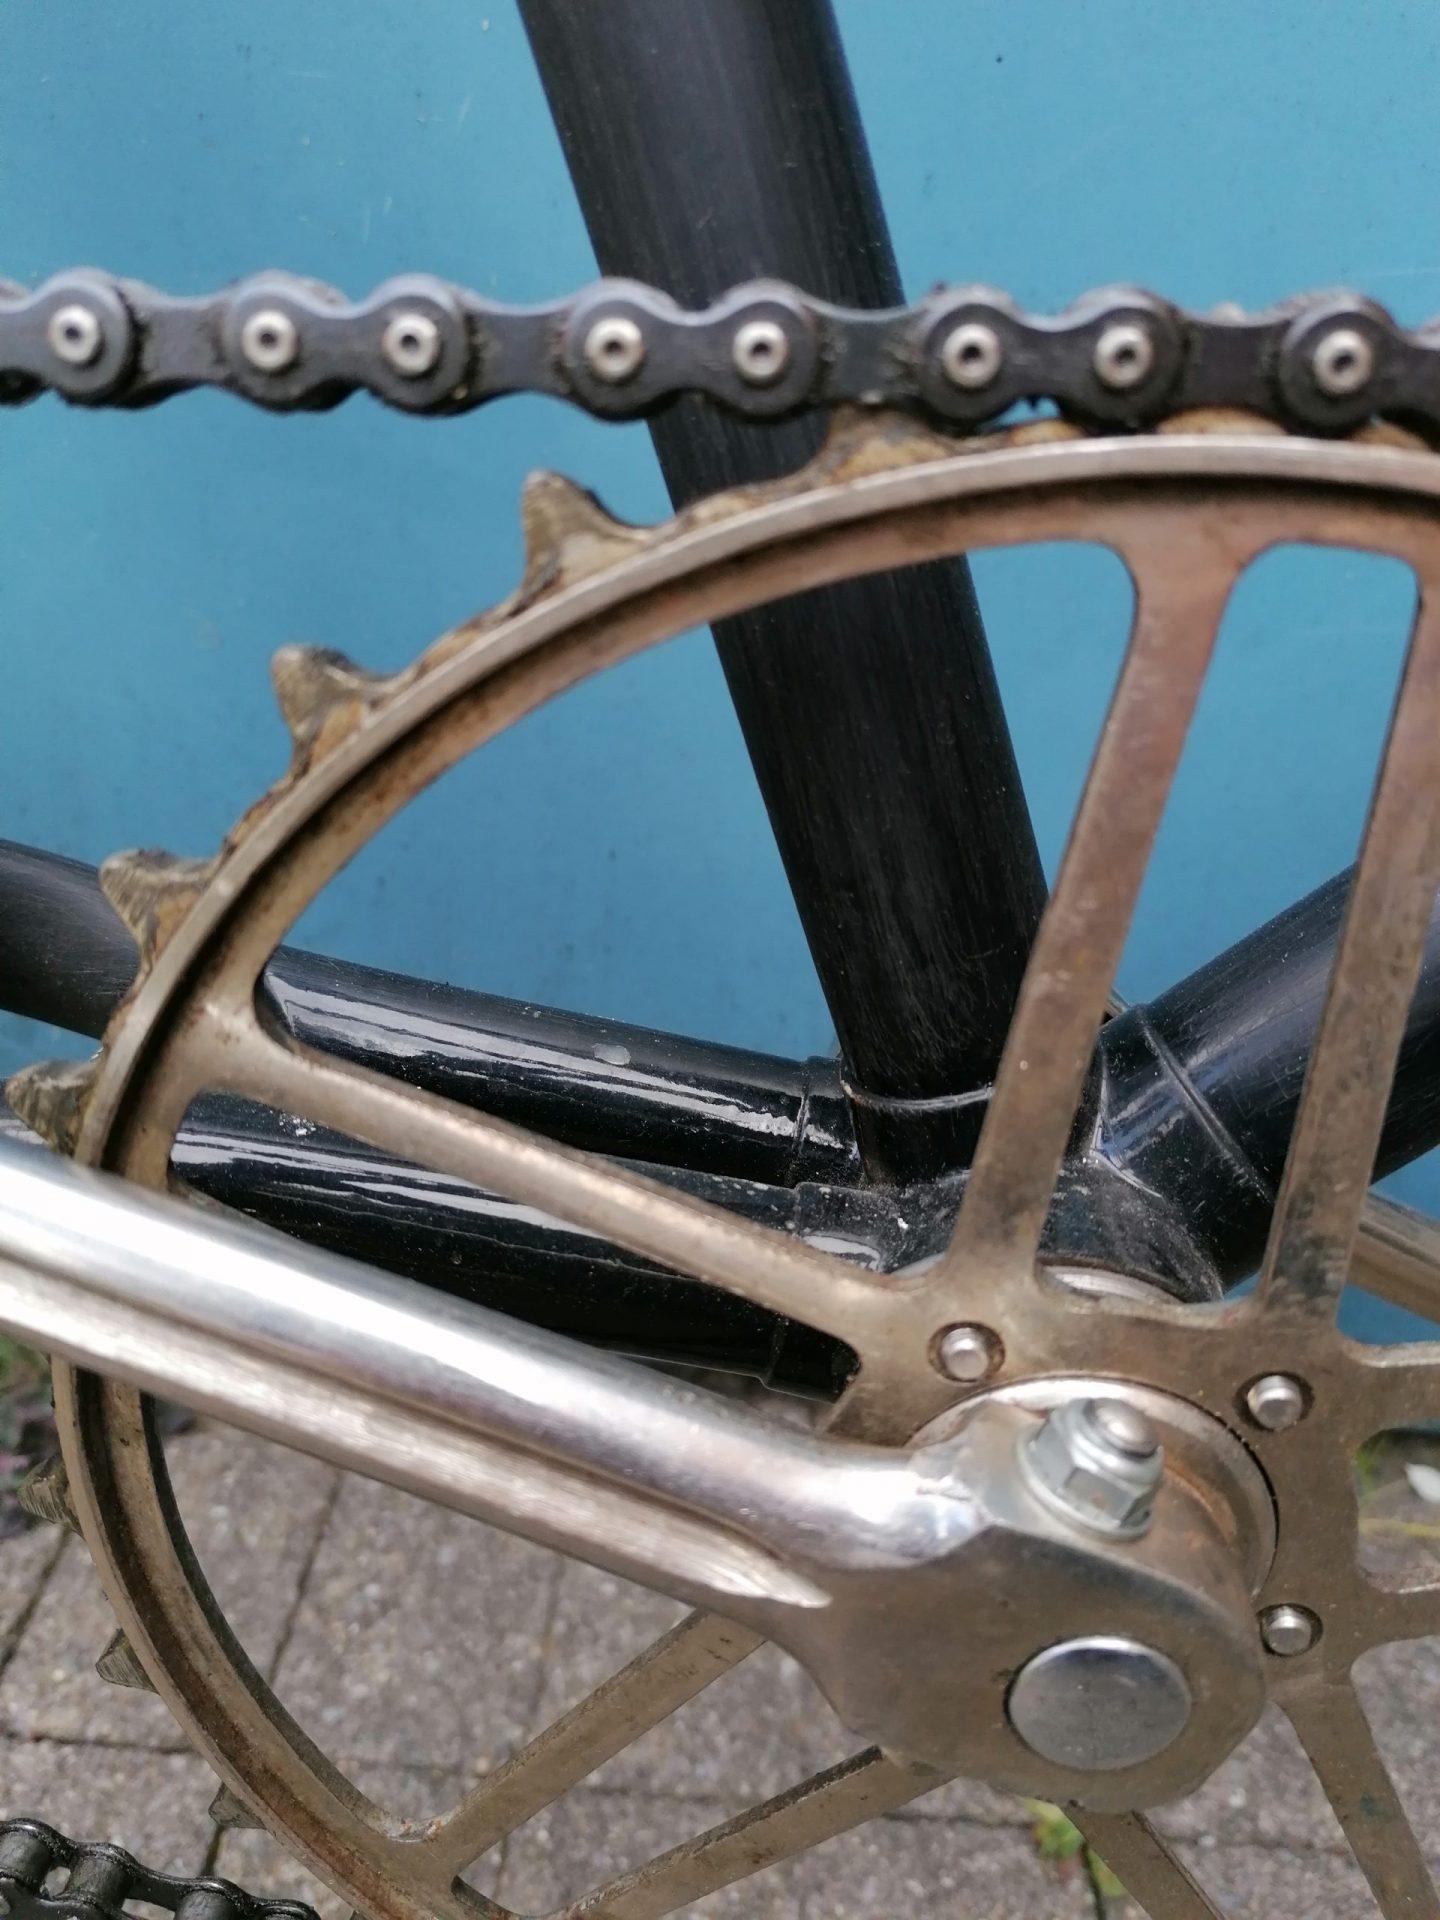 Pro Velo Zürich zeigt die schönsten Fahrräder: Hier das Velo von Roger Gfeller - mit seinem speziellen Zahnkranz.